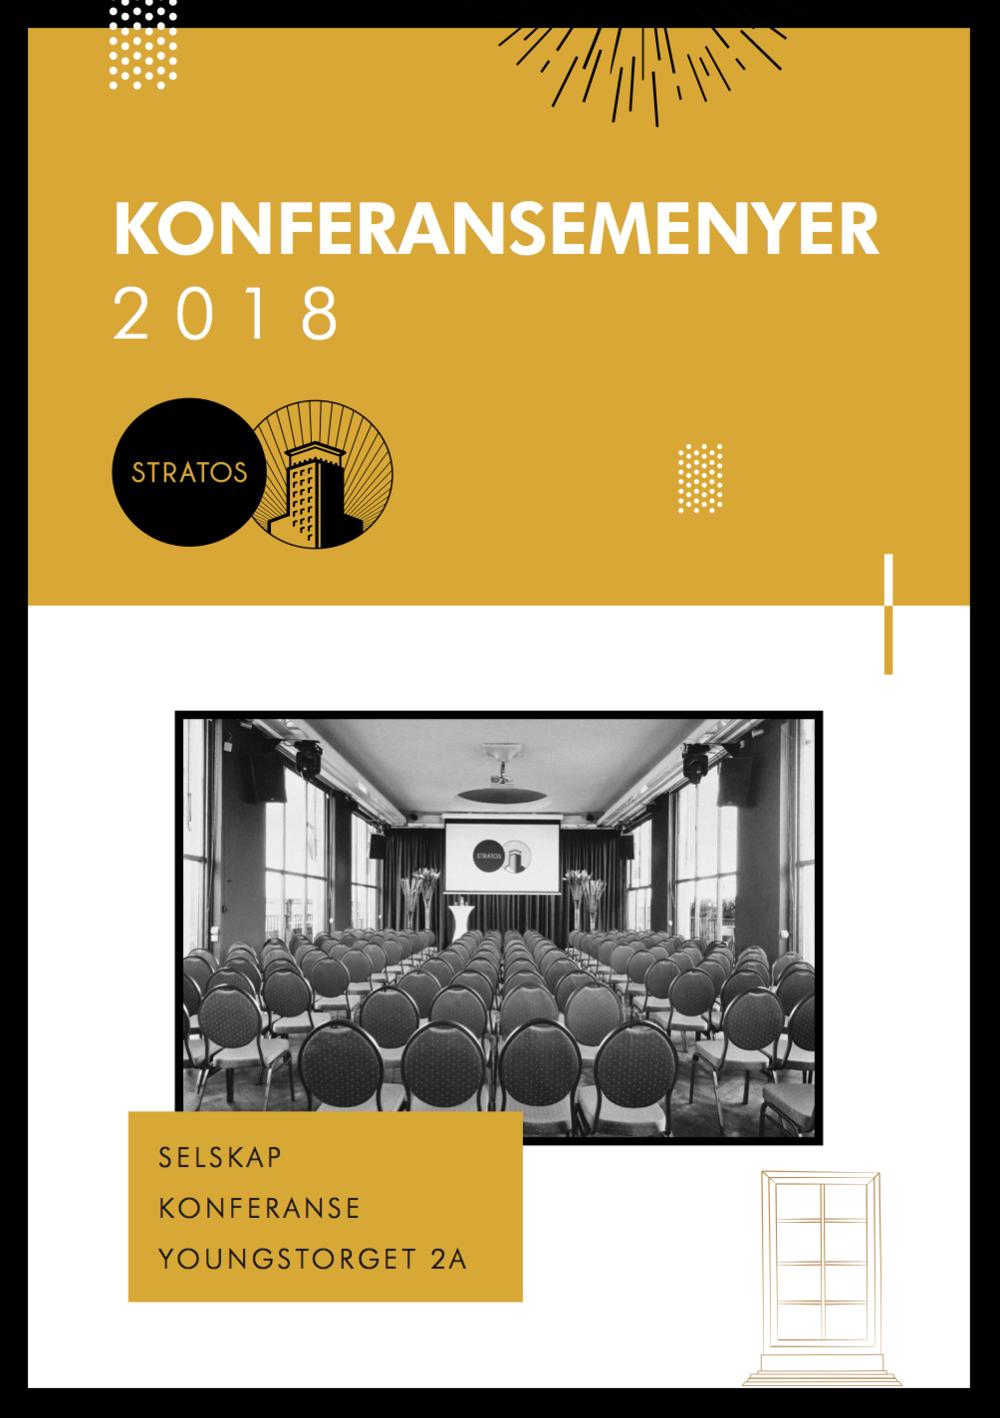 Konferansemenyer 2018 stratos.png